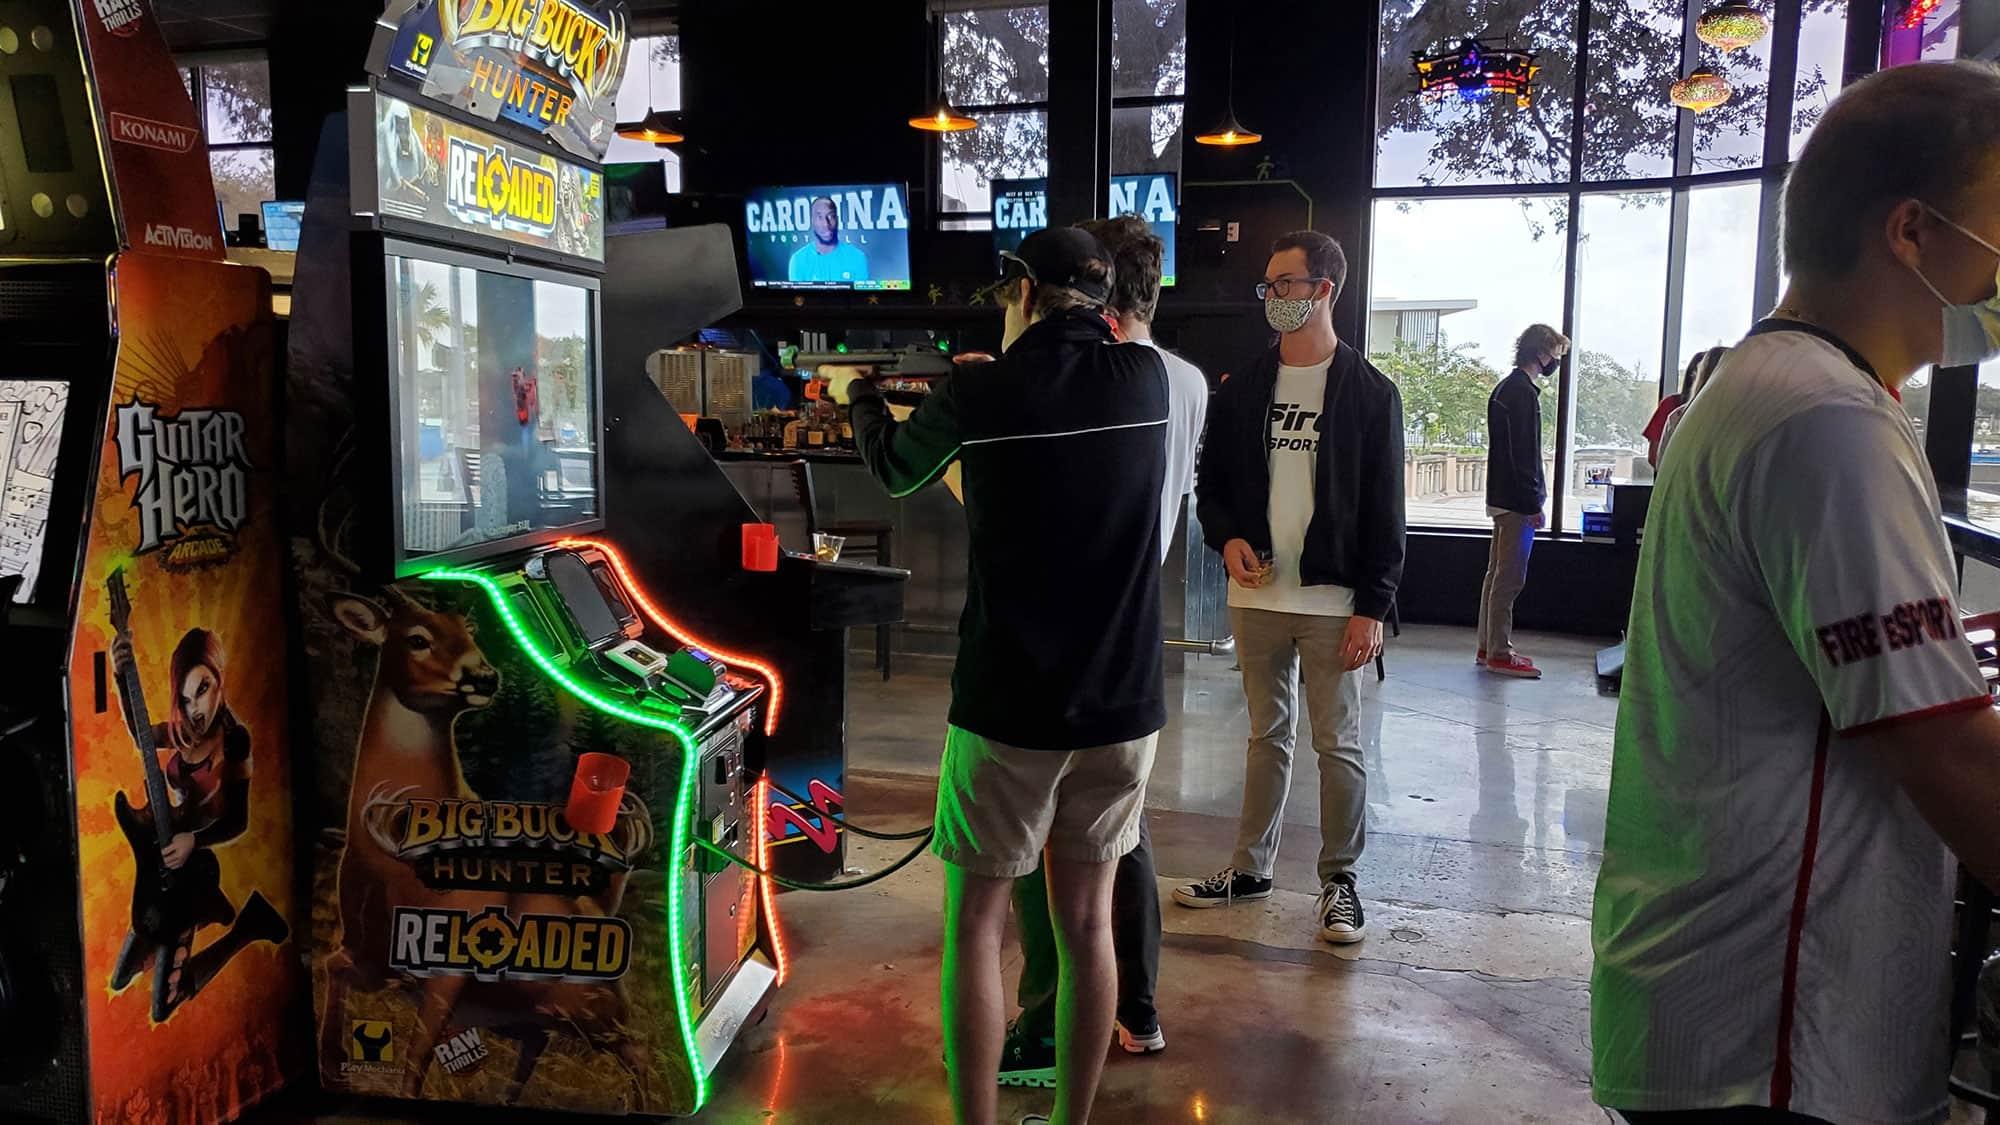 3 men playing video games at Rec Room Lakeland